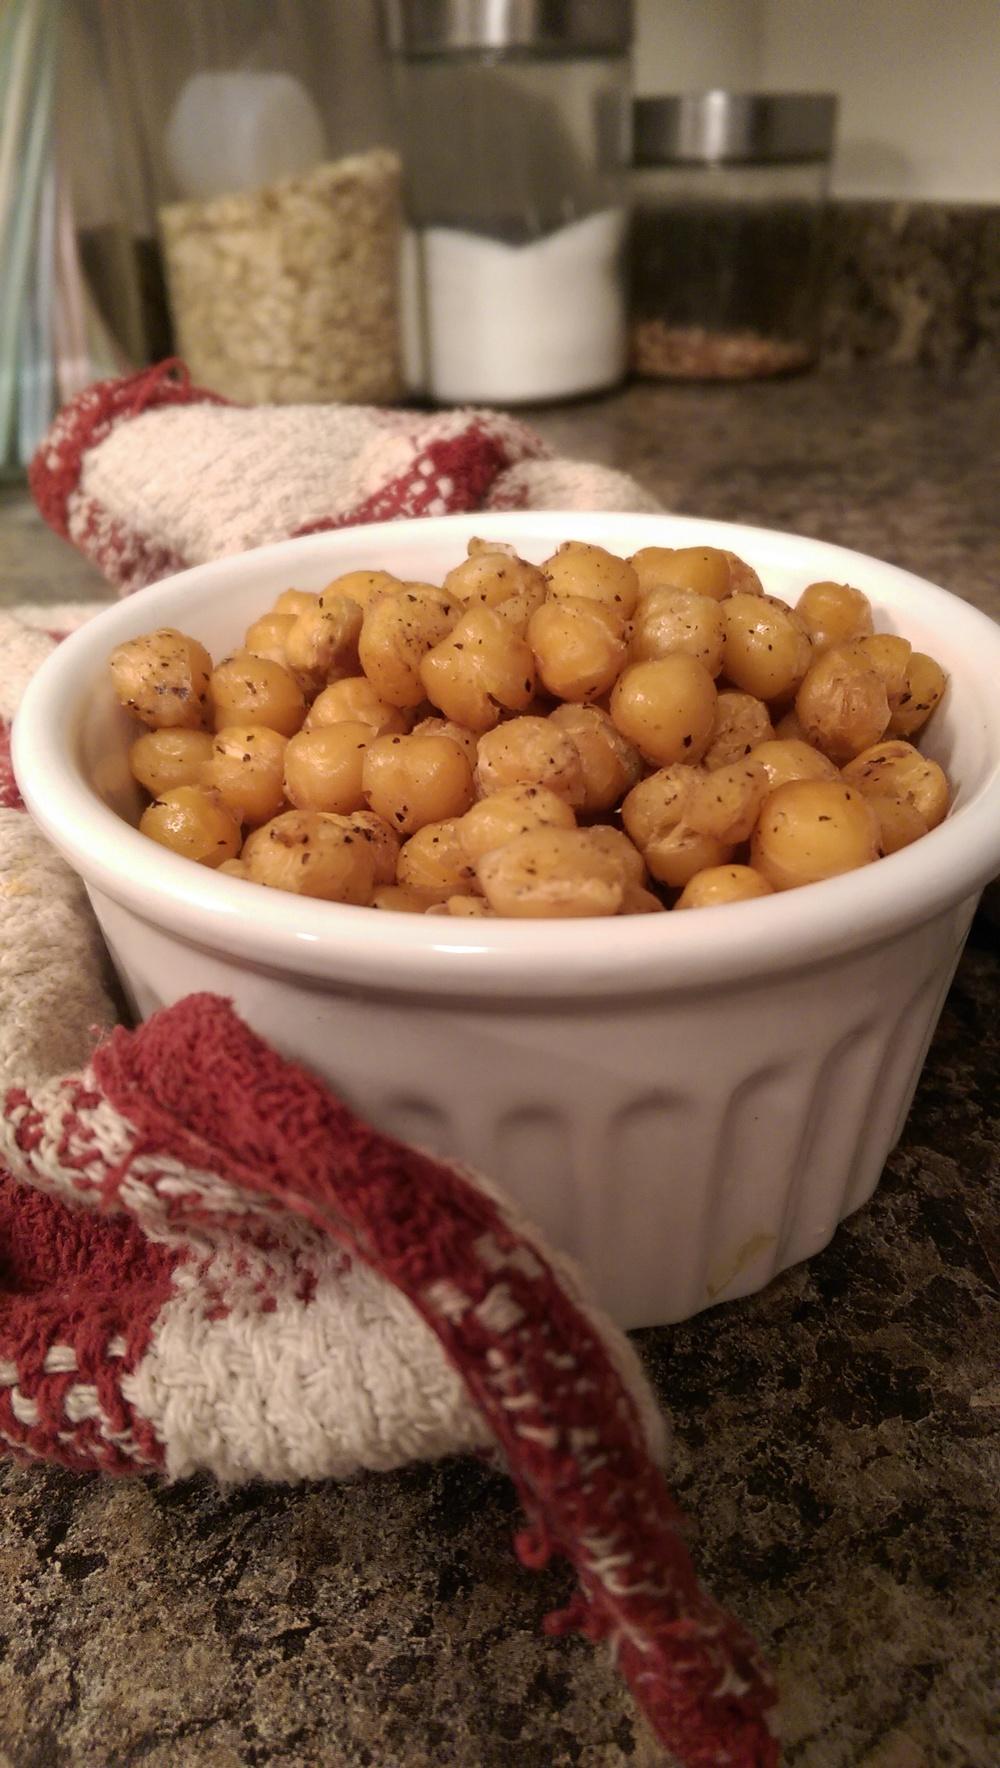 crunchy_garbanzo_beans